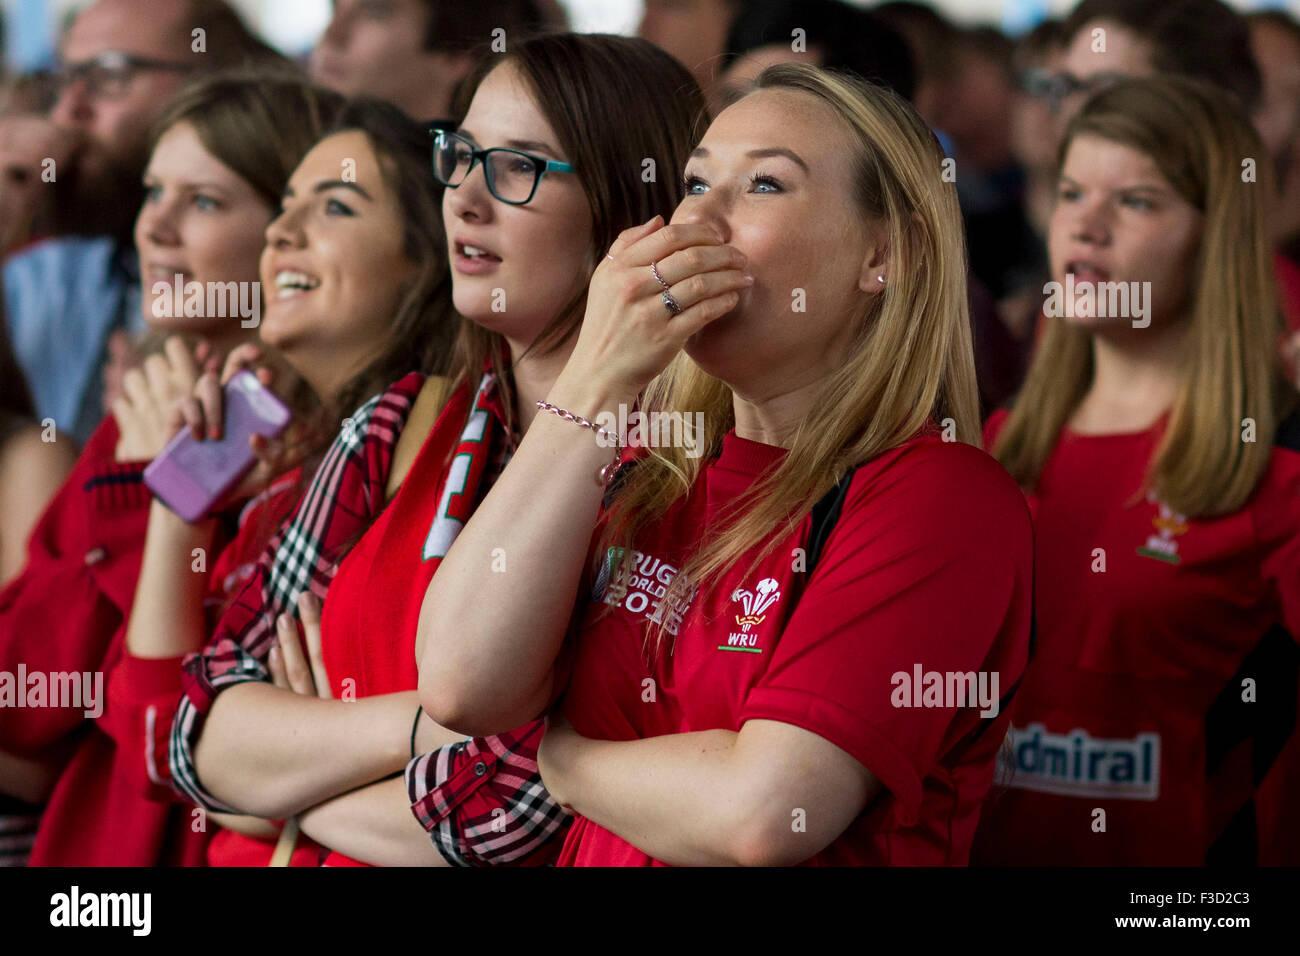 Gales rugby fans ver a su equipo en una tensa la Rugby World Cup 2015 partido contra Fiji. Imagen De Stock